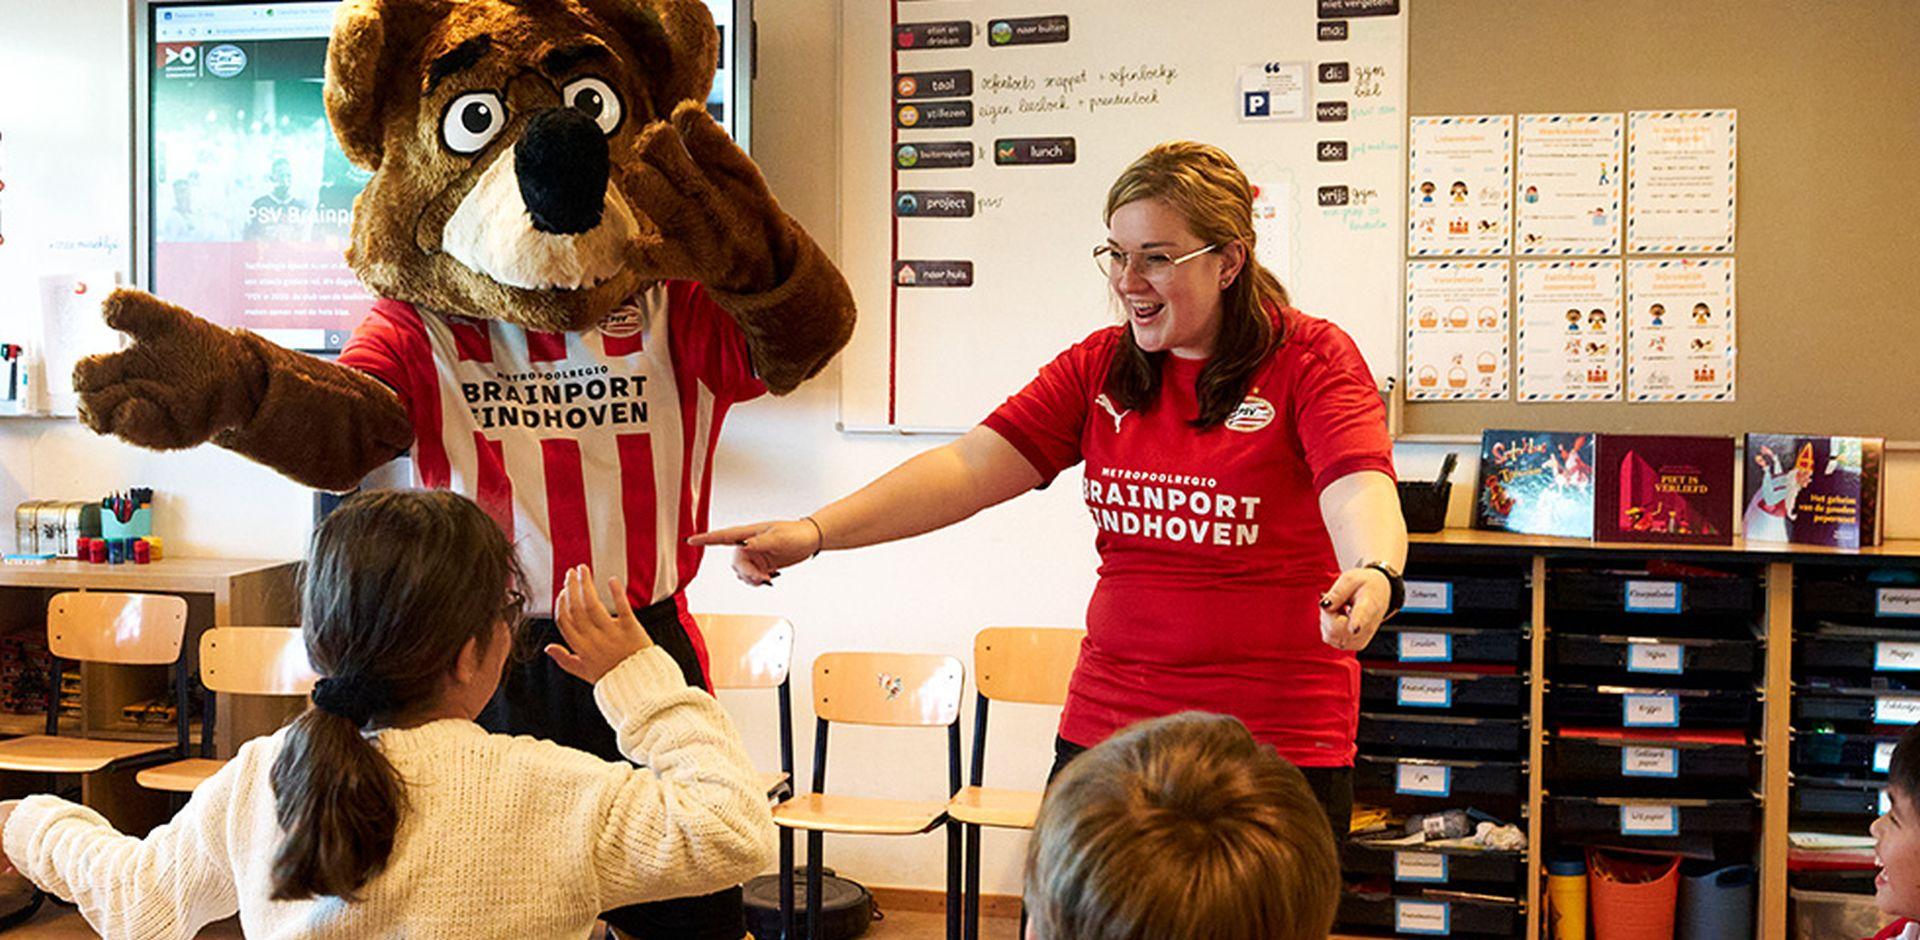 PSV en Brainport Eindhoven-partners starten scholenchallenge